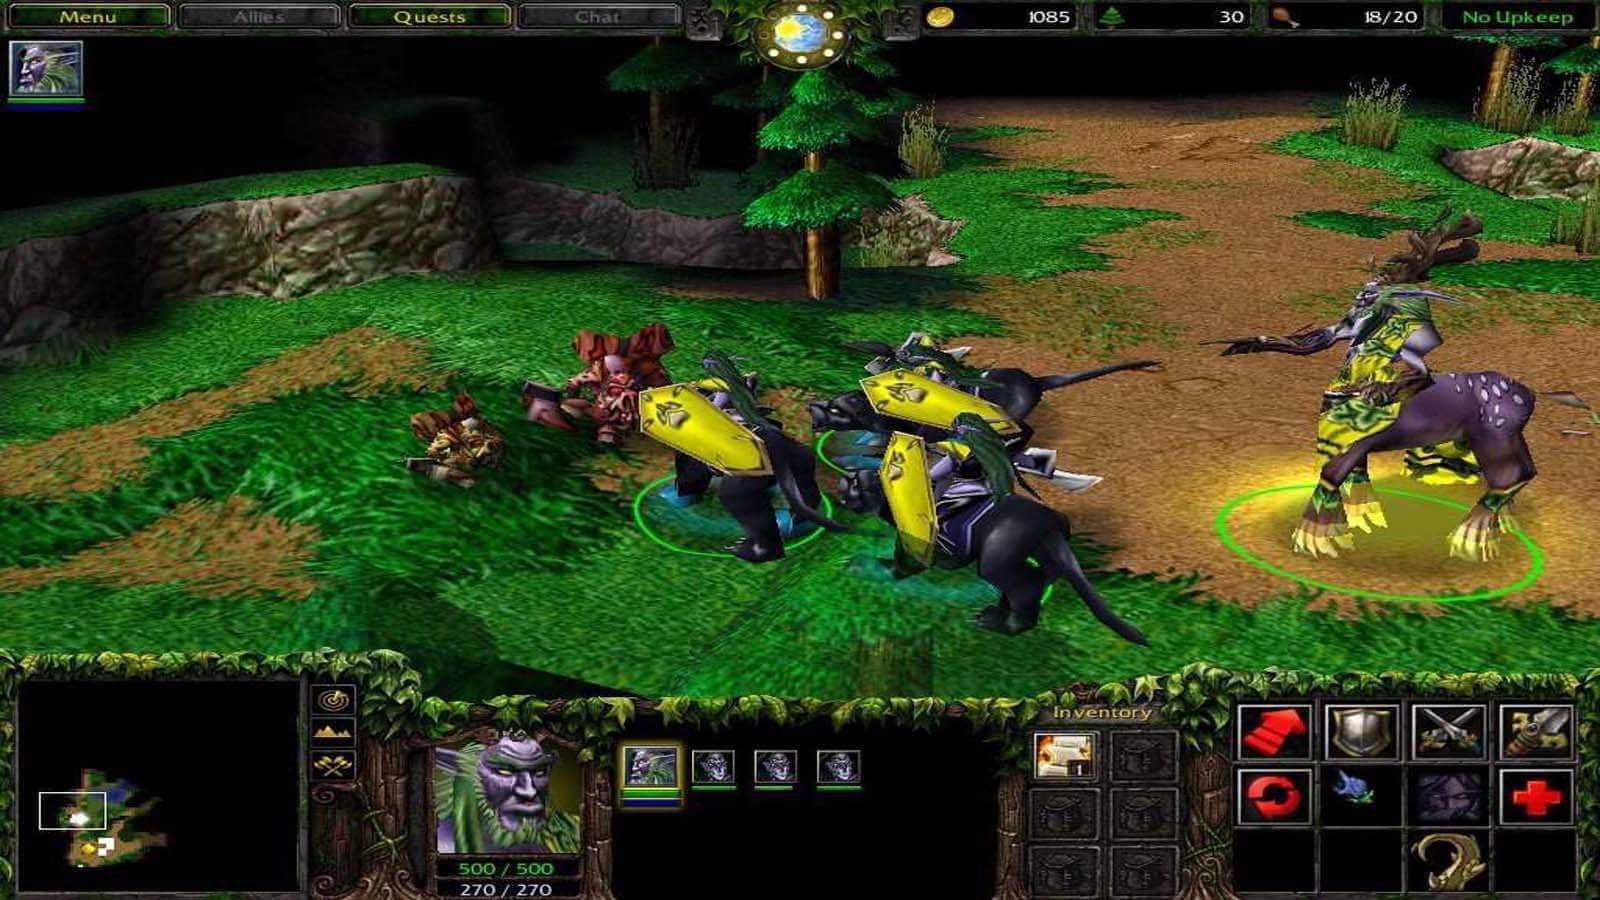 تحميل لعبة Warcraft 3 Regin Of Chaos مضغوطة برابط واحد مباشر كاملة مجانا